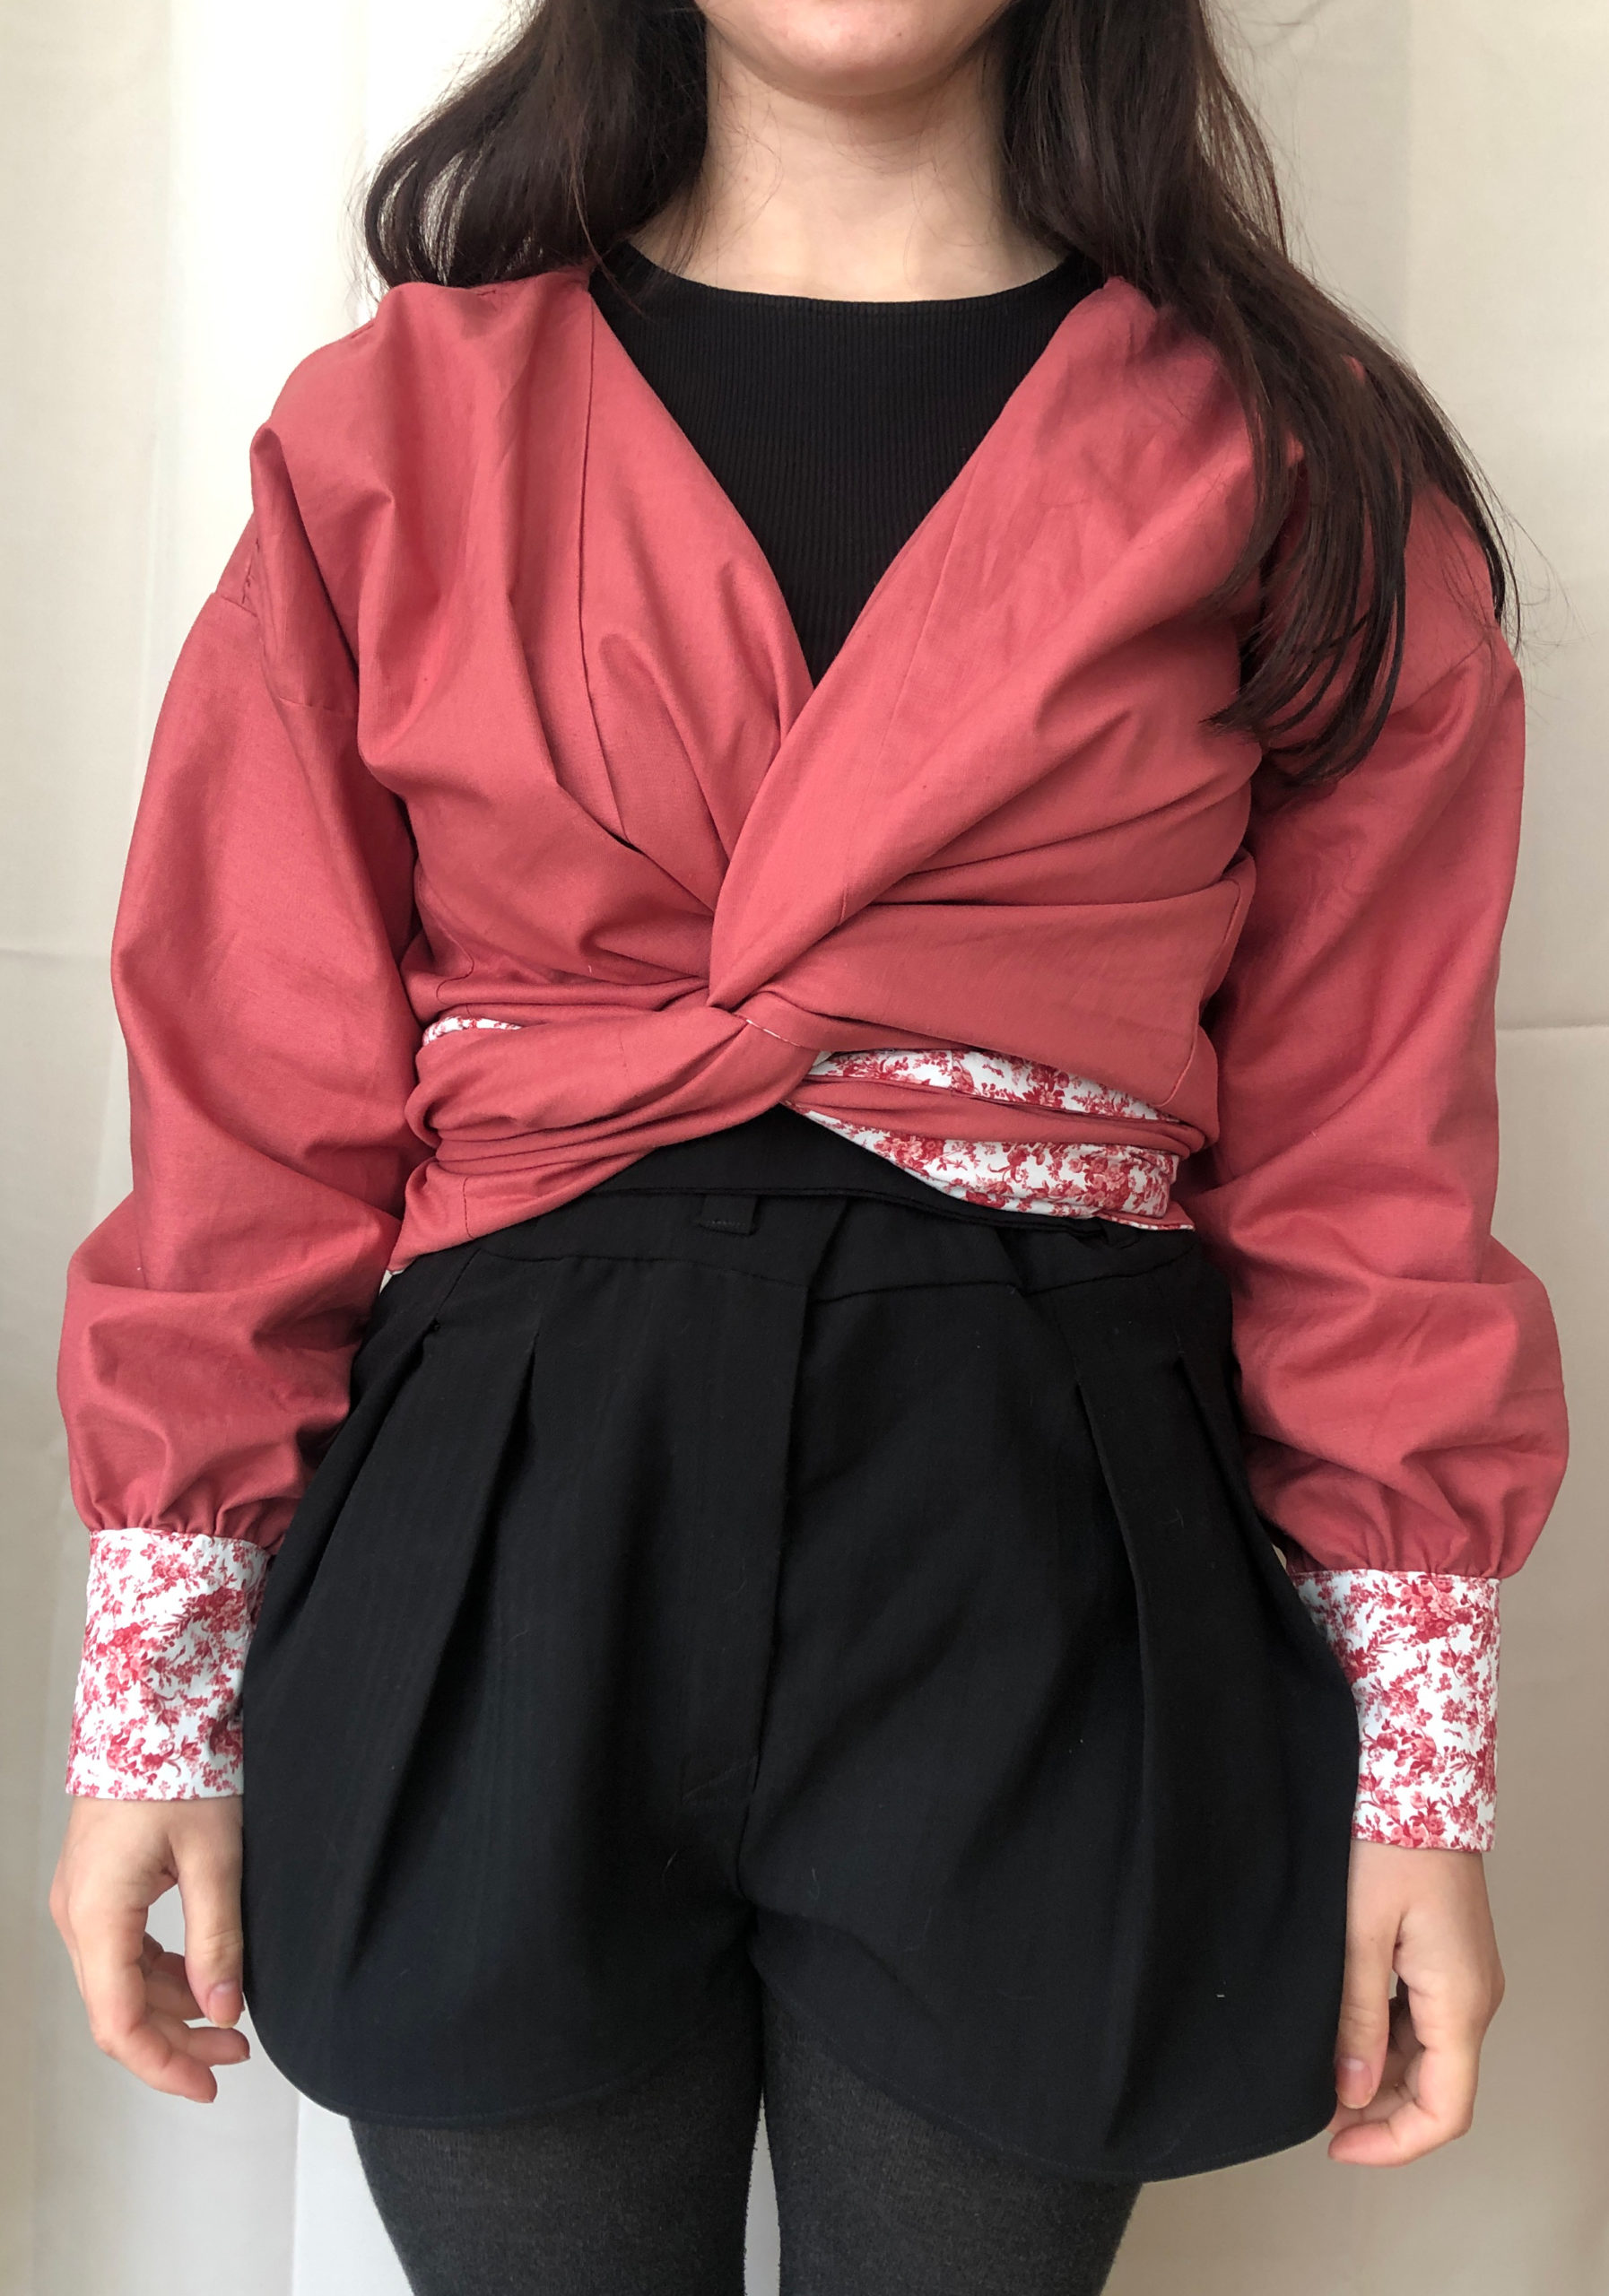 blouse croisé réversible fabriqué en France